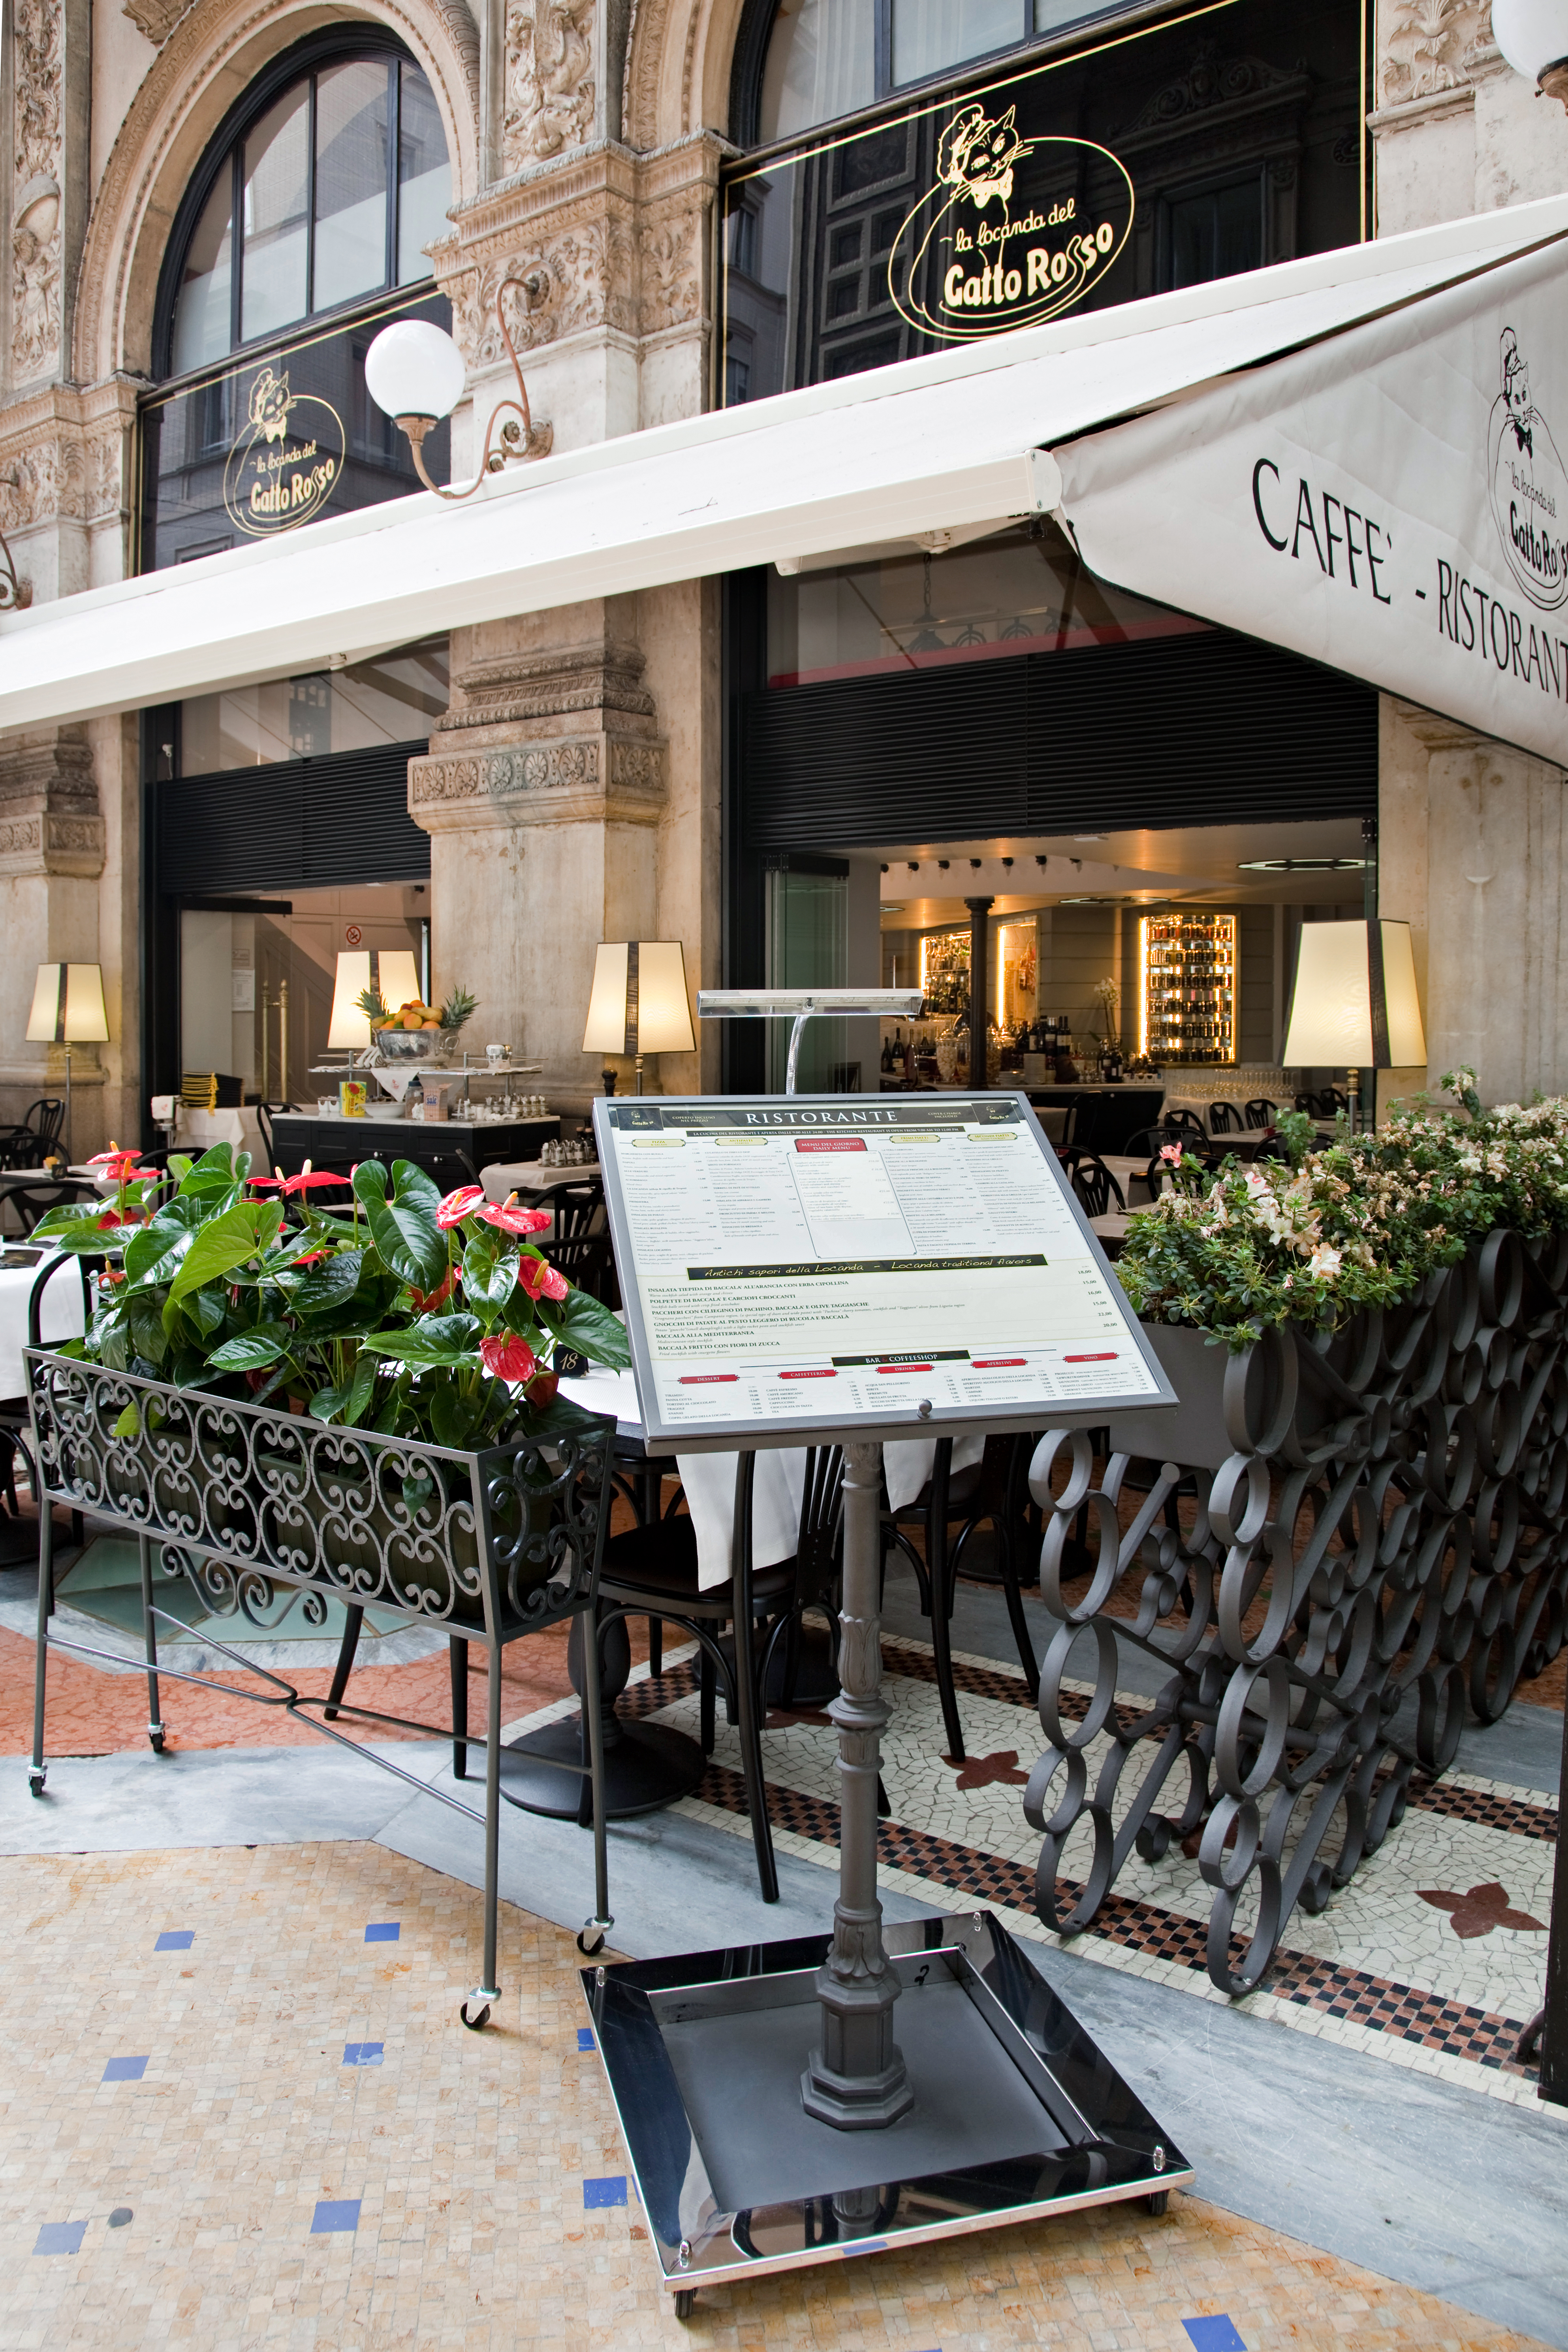 Locanda Gatto Rosso Img3458 Calabrese Interior Design